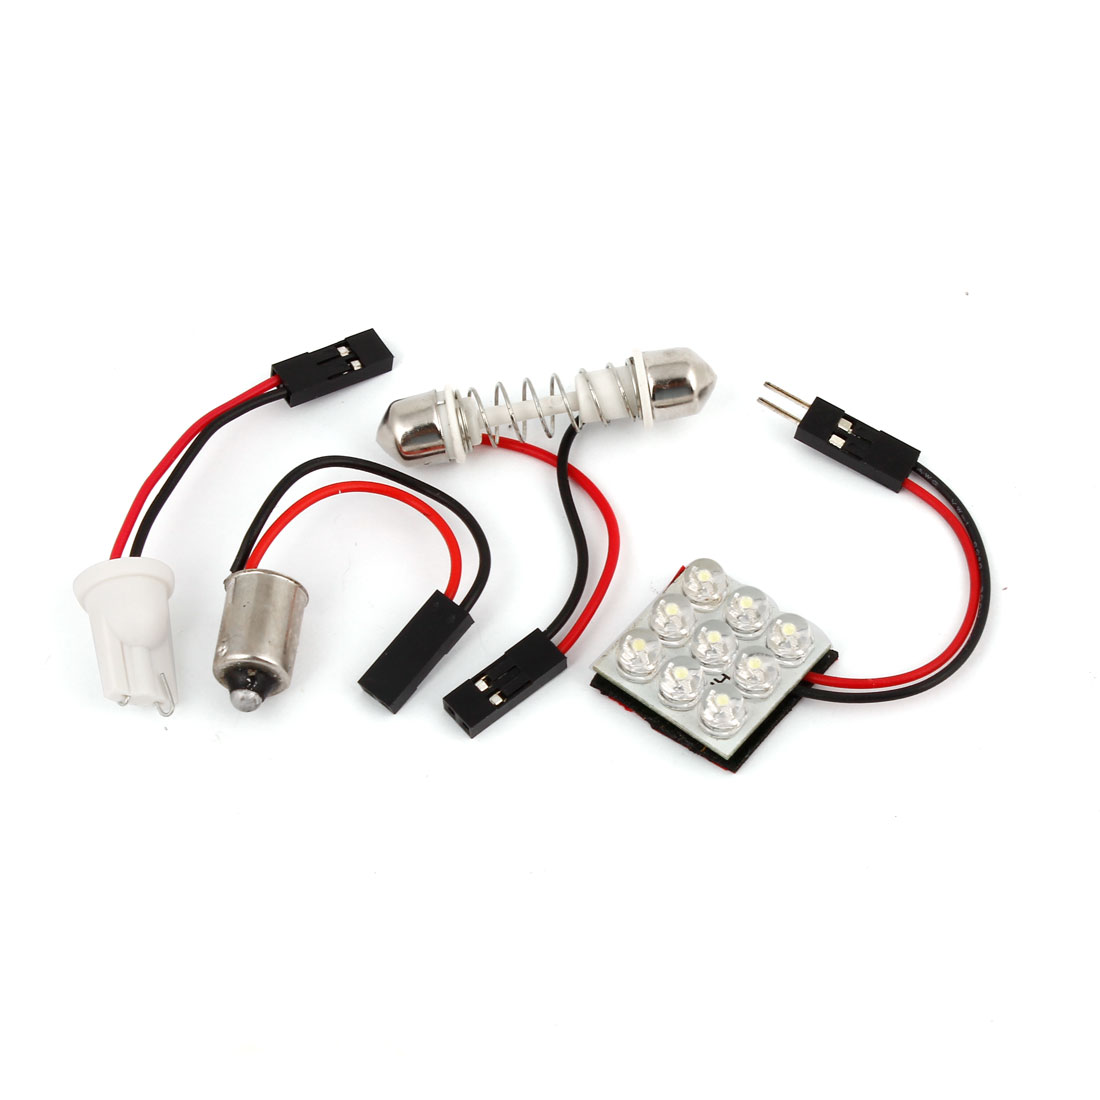 Car White 9 LED Panel Festoon Dome Light Map Lamp T10 BA9S Festoon Adapter Internal